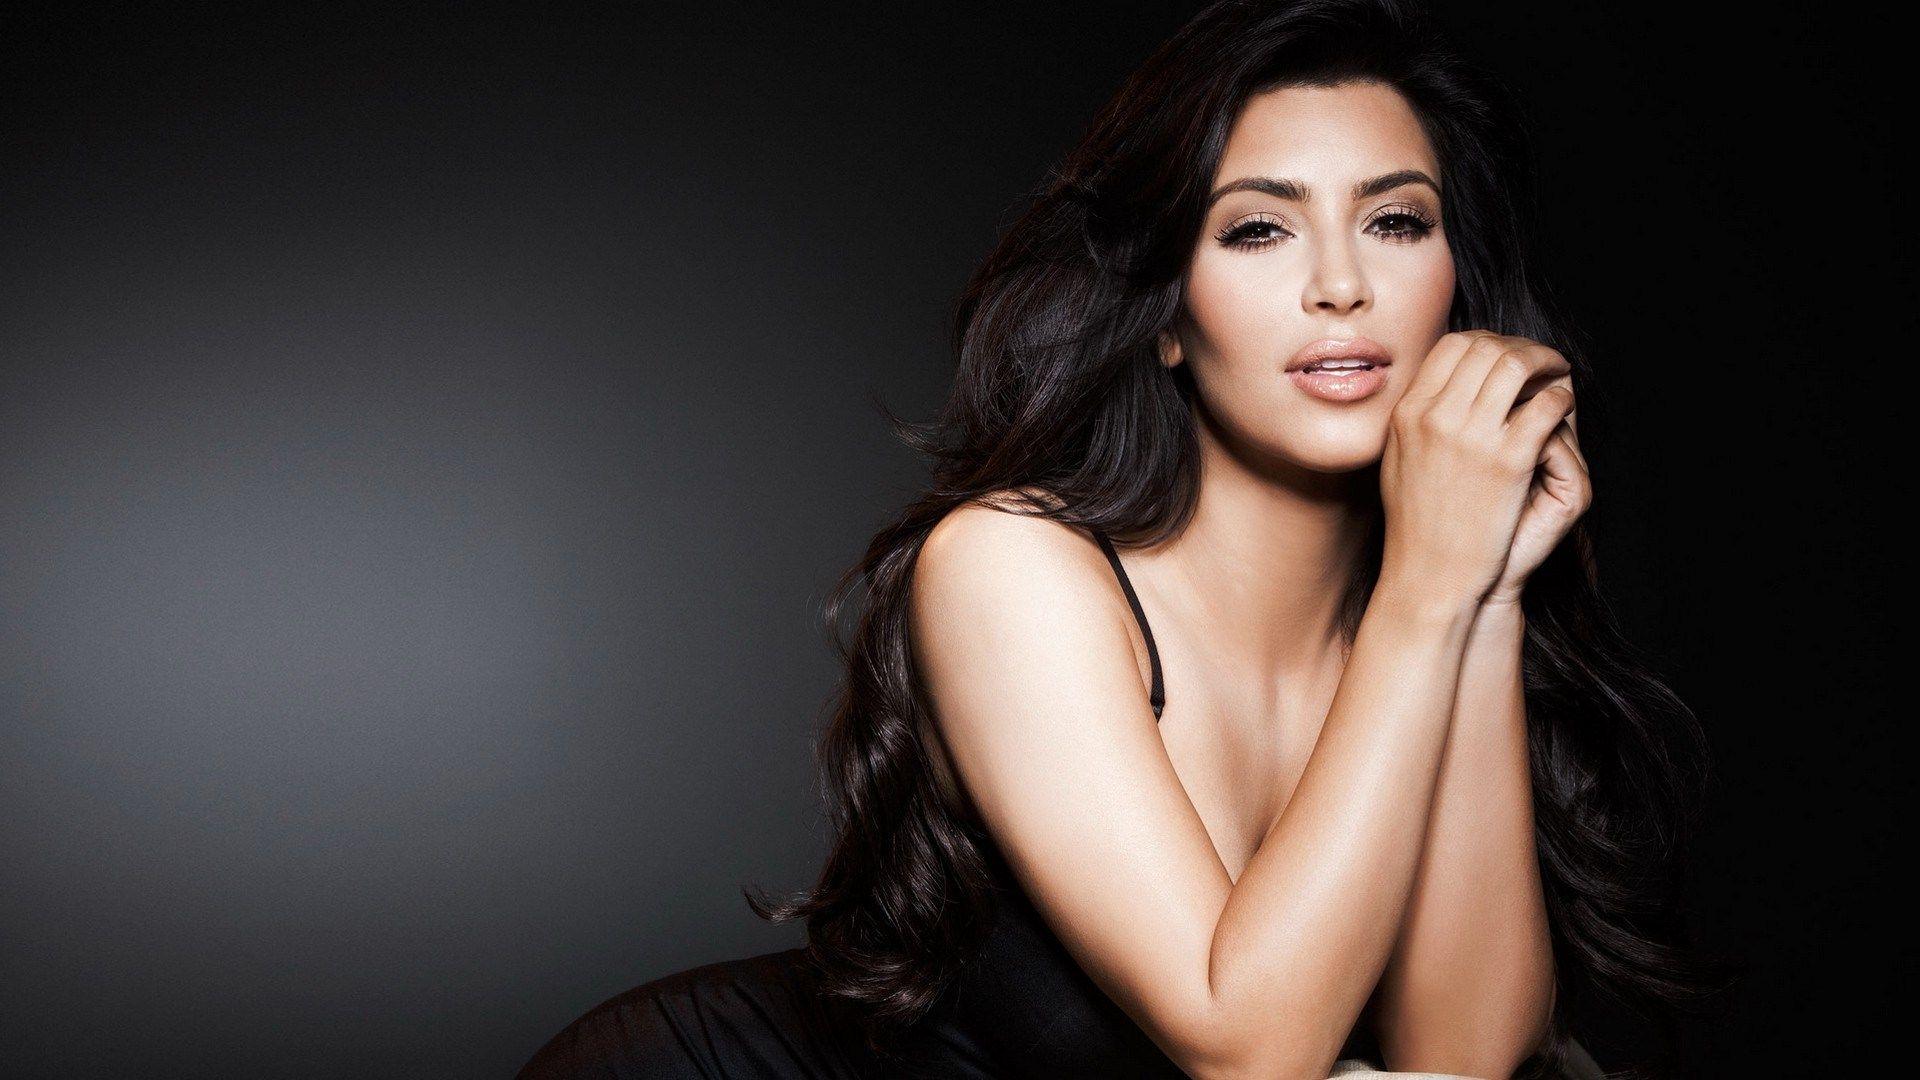 Kim Kardashian Wallpaper #15